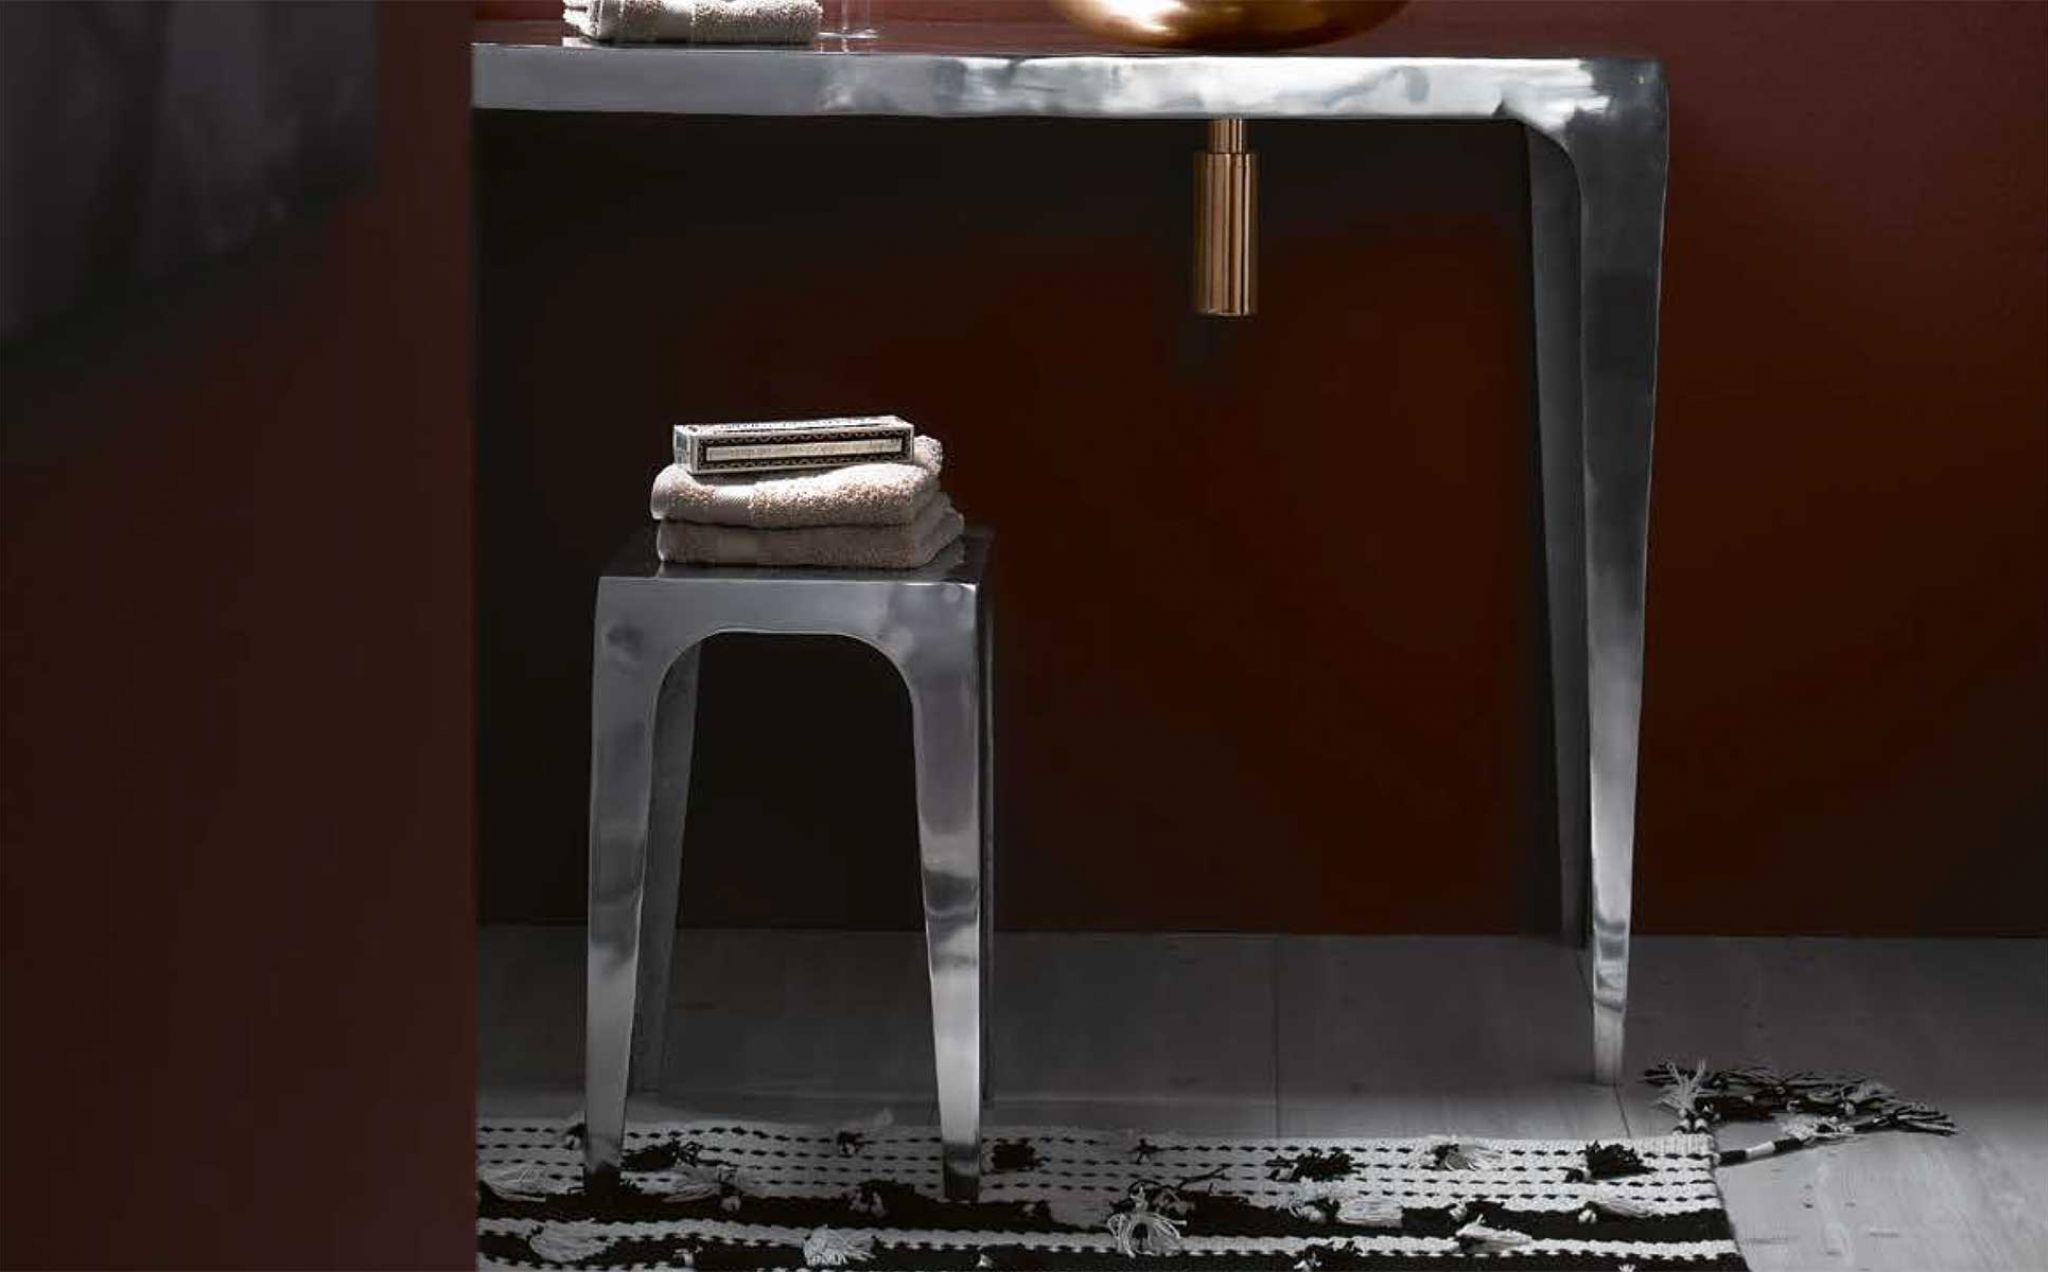 Bathco lavabos sanitarios platos de ducha y accesorios Sanitarios y accesorios para bano